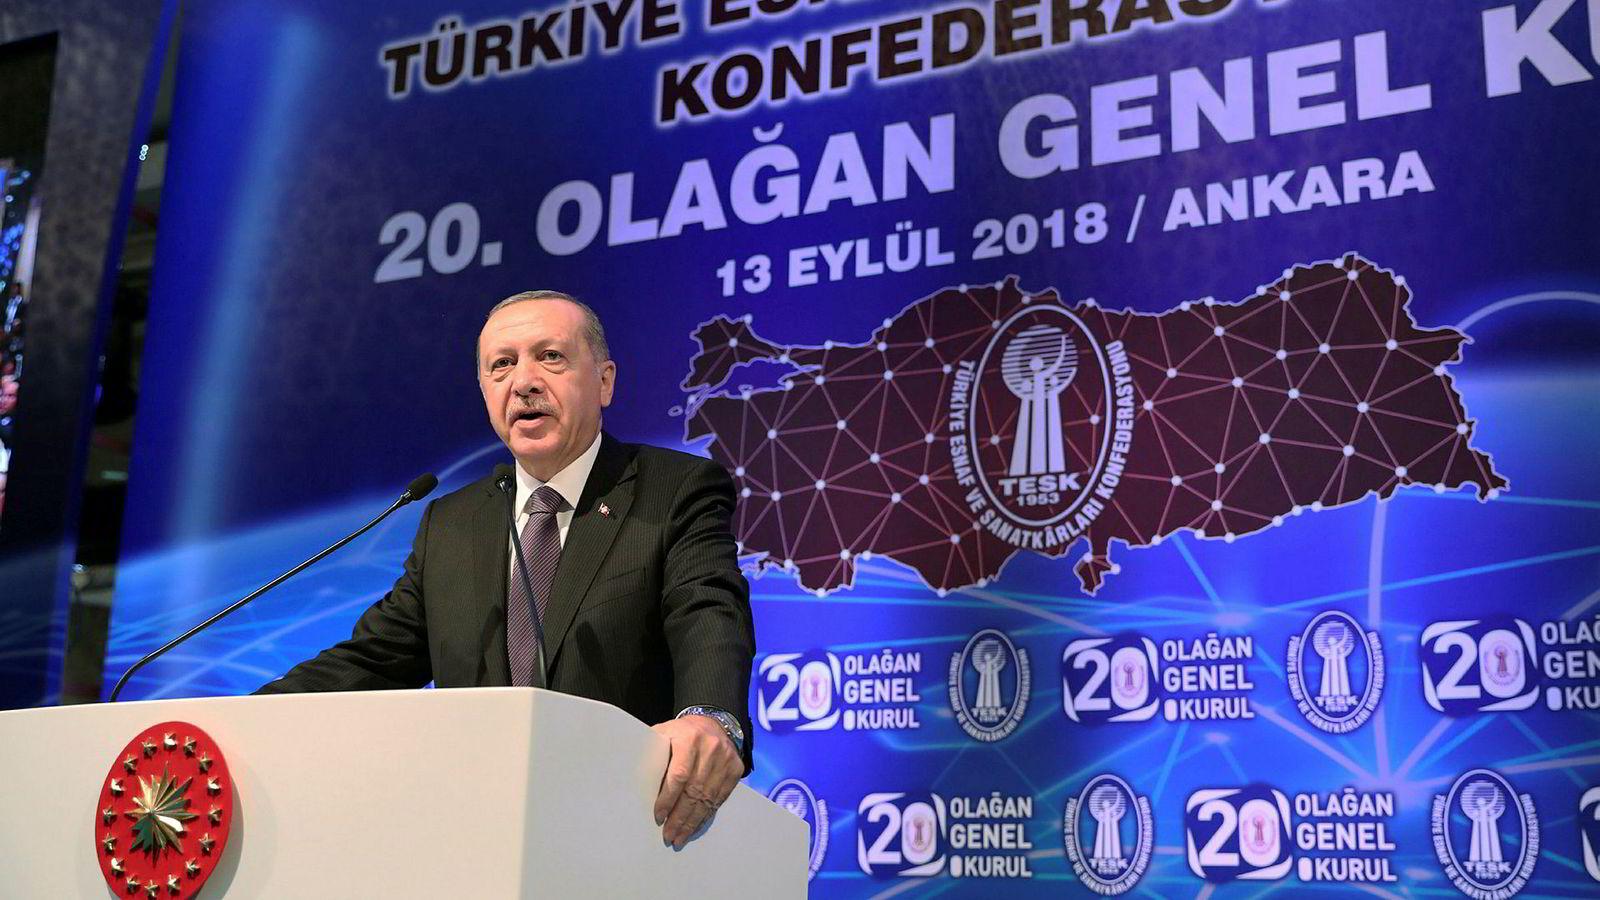 Tyrkias president Recep Tayyip Erdogan under en tale i Ankara onsdag der han gikk sterkt imot å heve rentene.